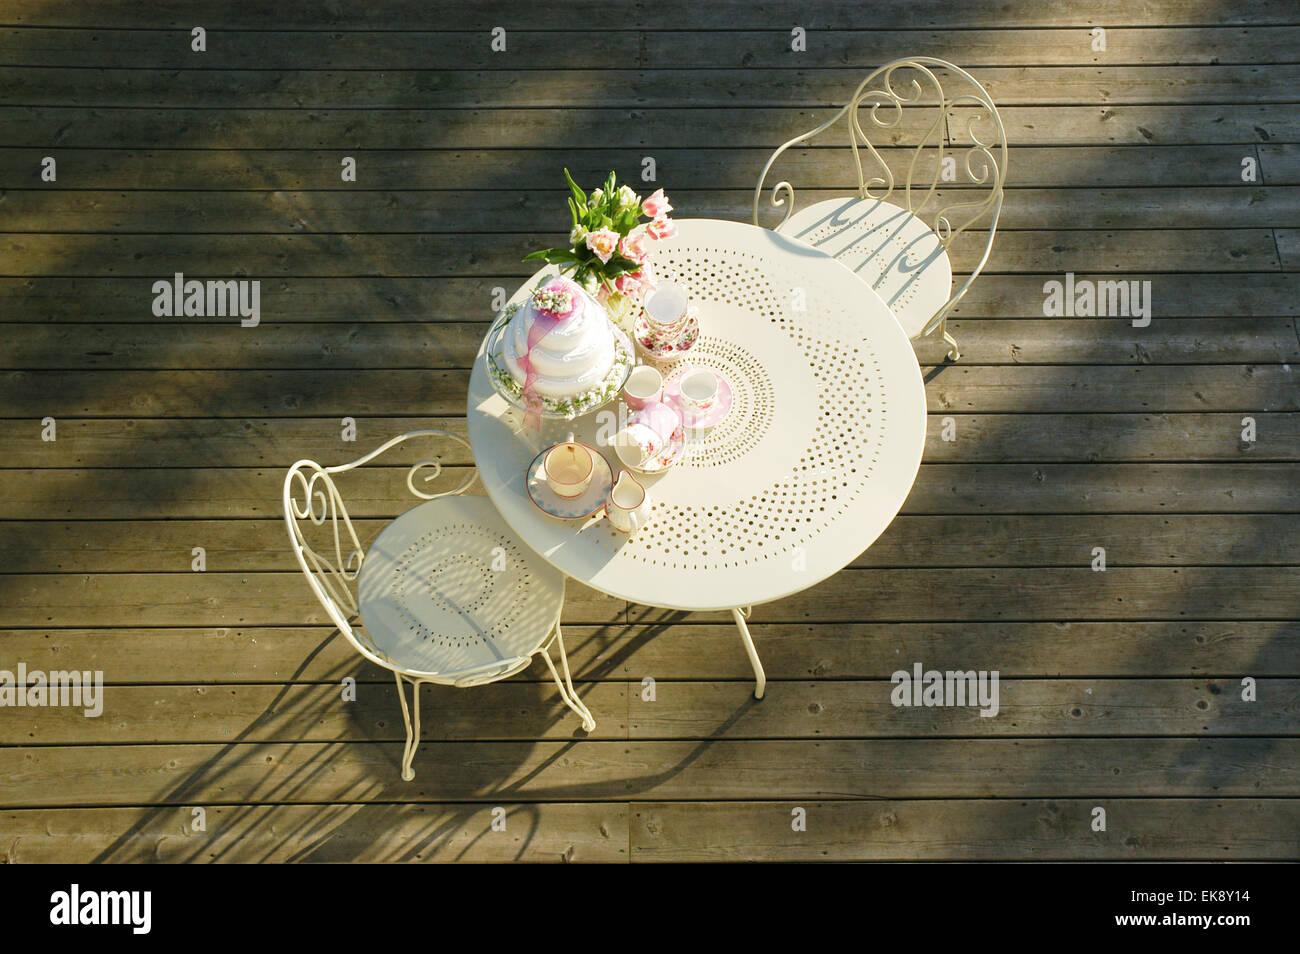 Table Dessus Thé Jardin Mis Place Vue Pour Le En Et De Chaises eWbDIE29HY